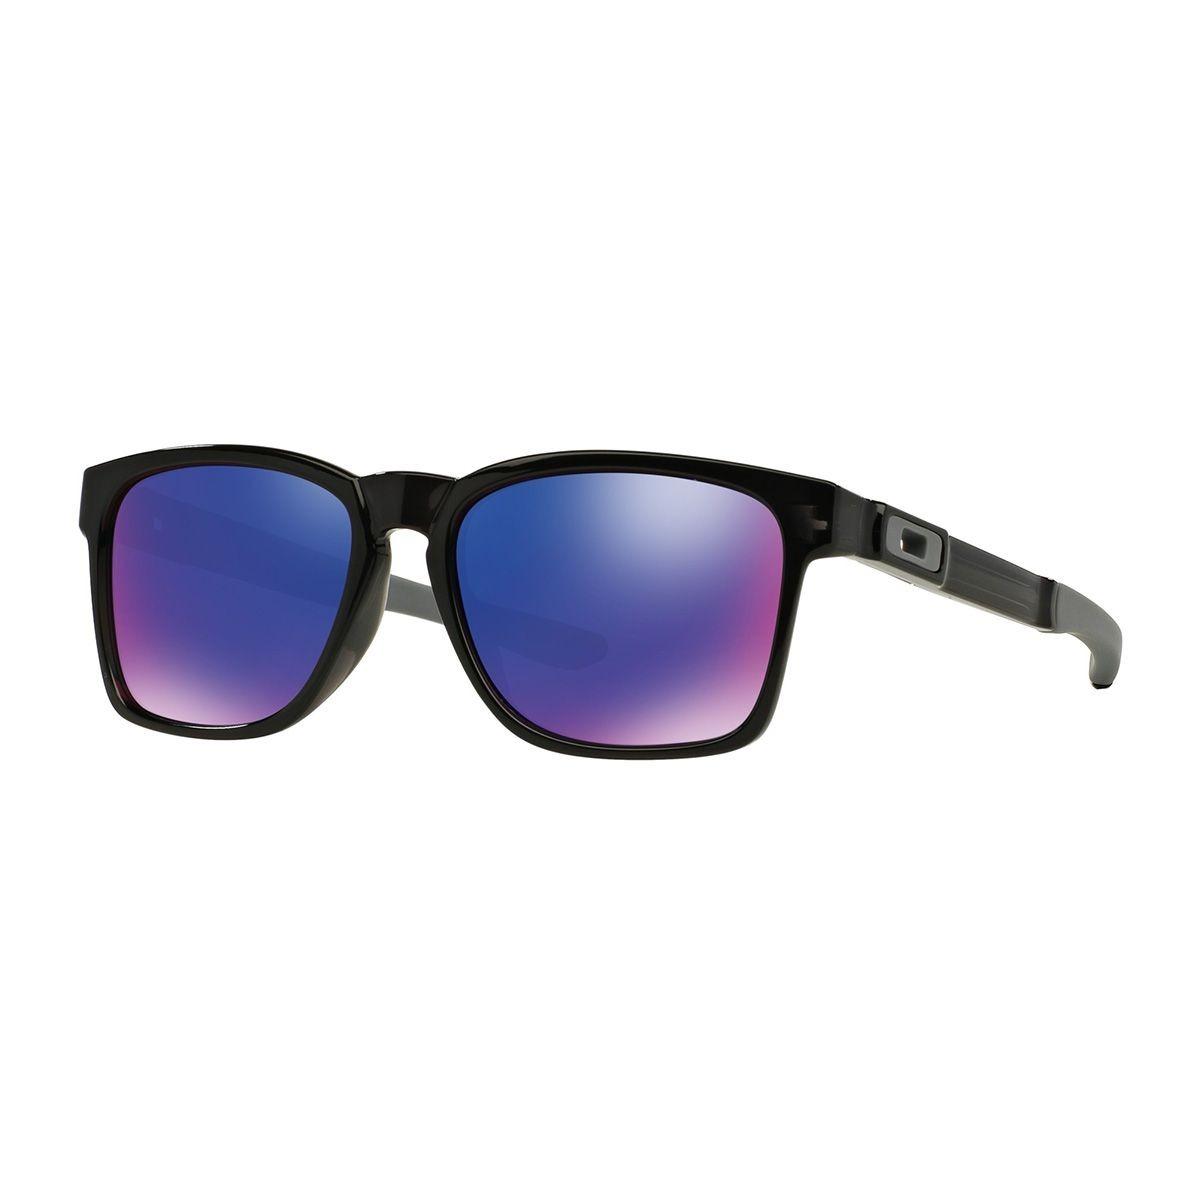 a9b979fa9cb0c Óculos De Sol Oakley Catalyst Oo9272l-06 Original - R  563,05 em ...